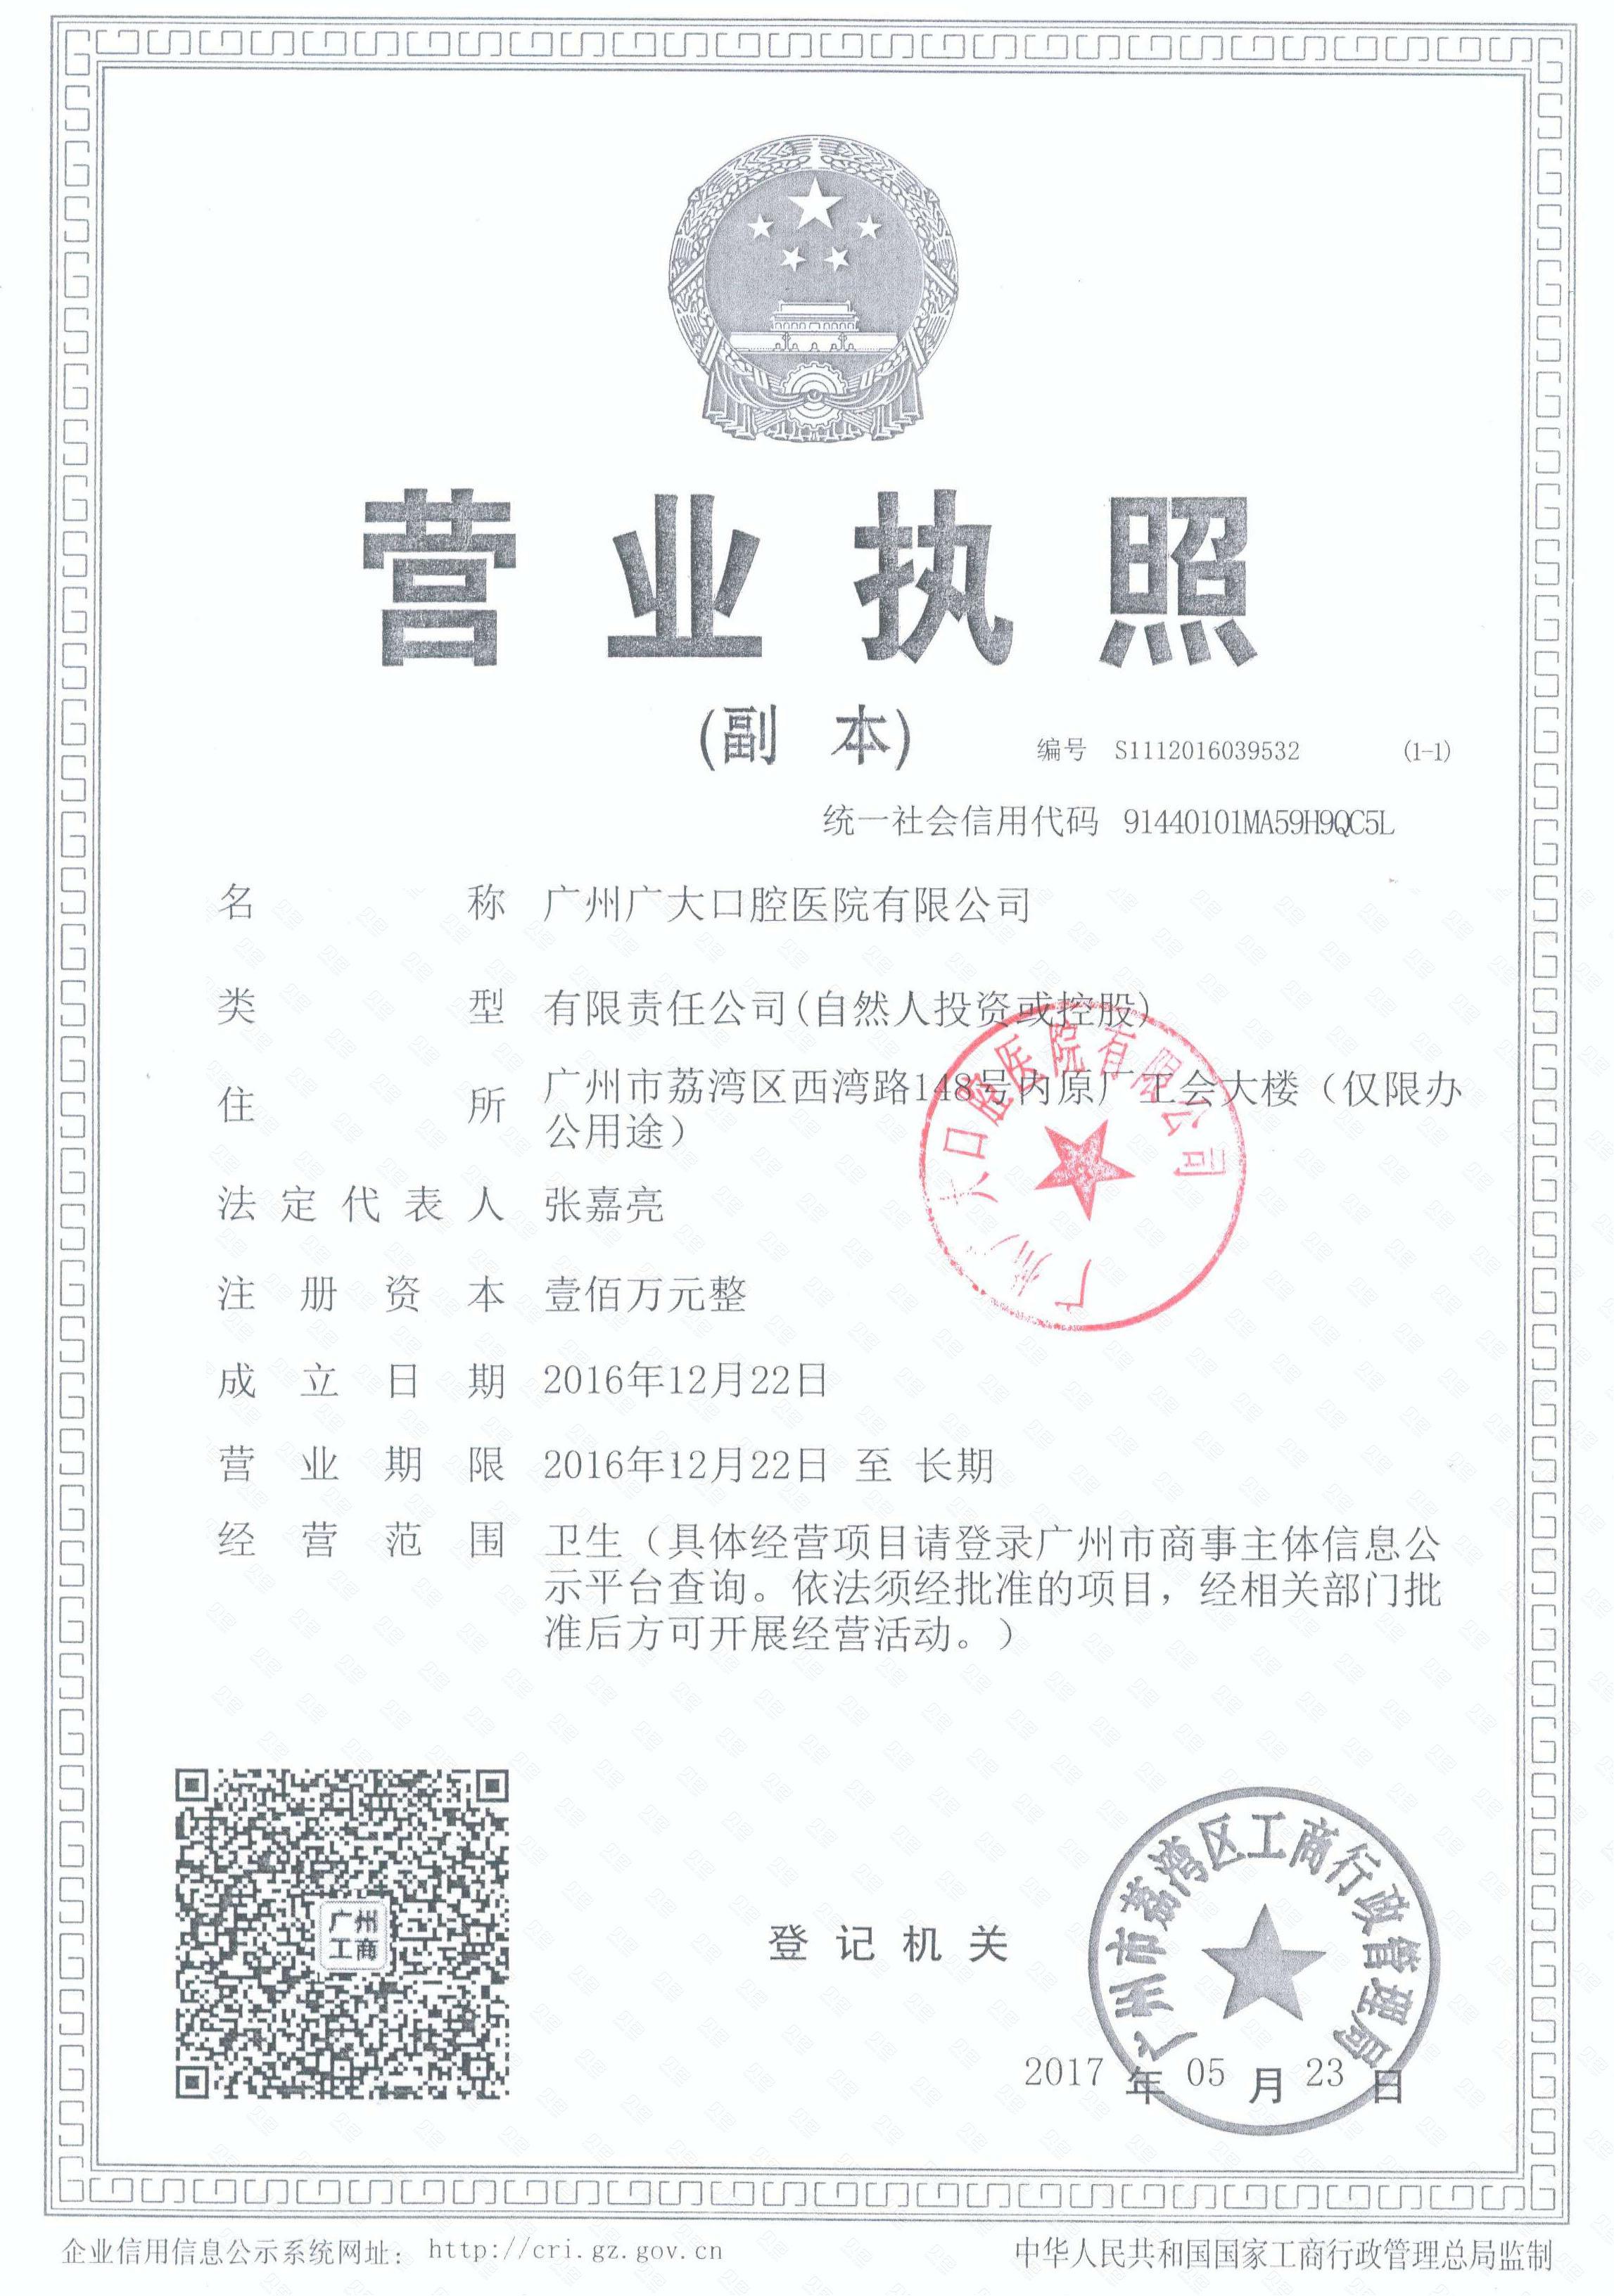 机构营业执照